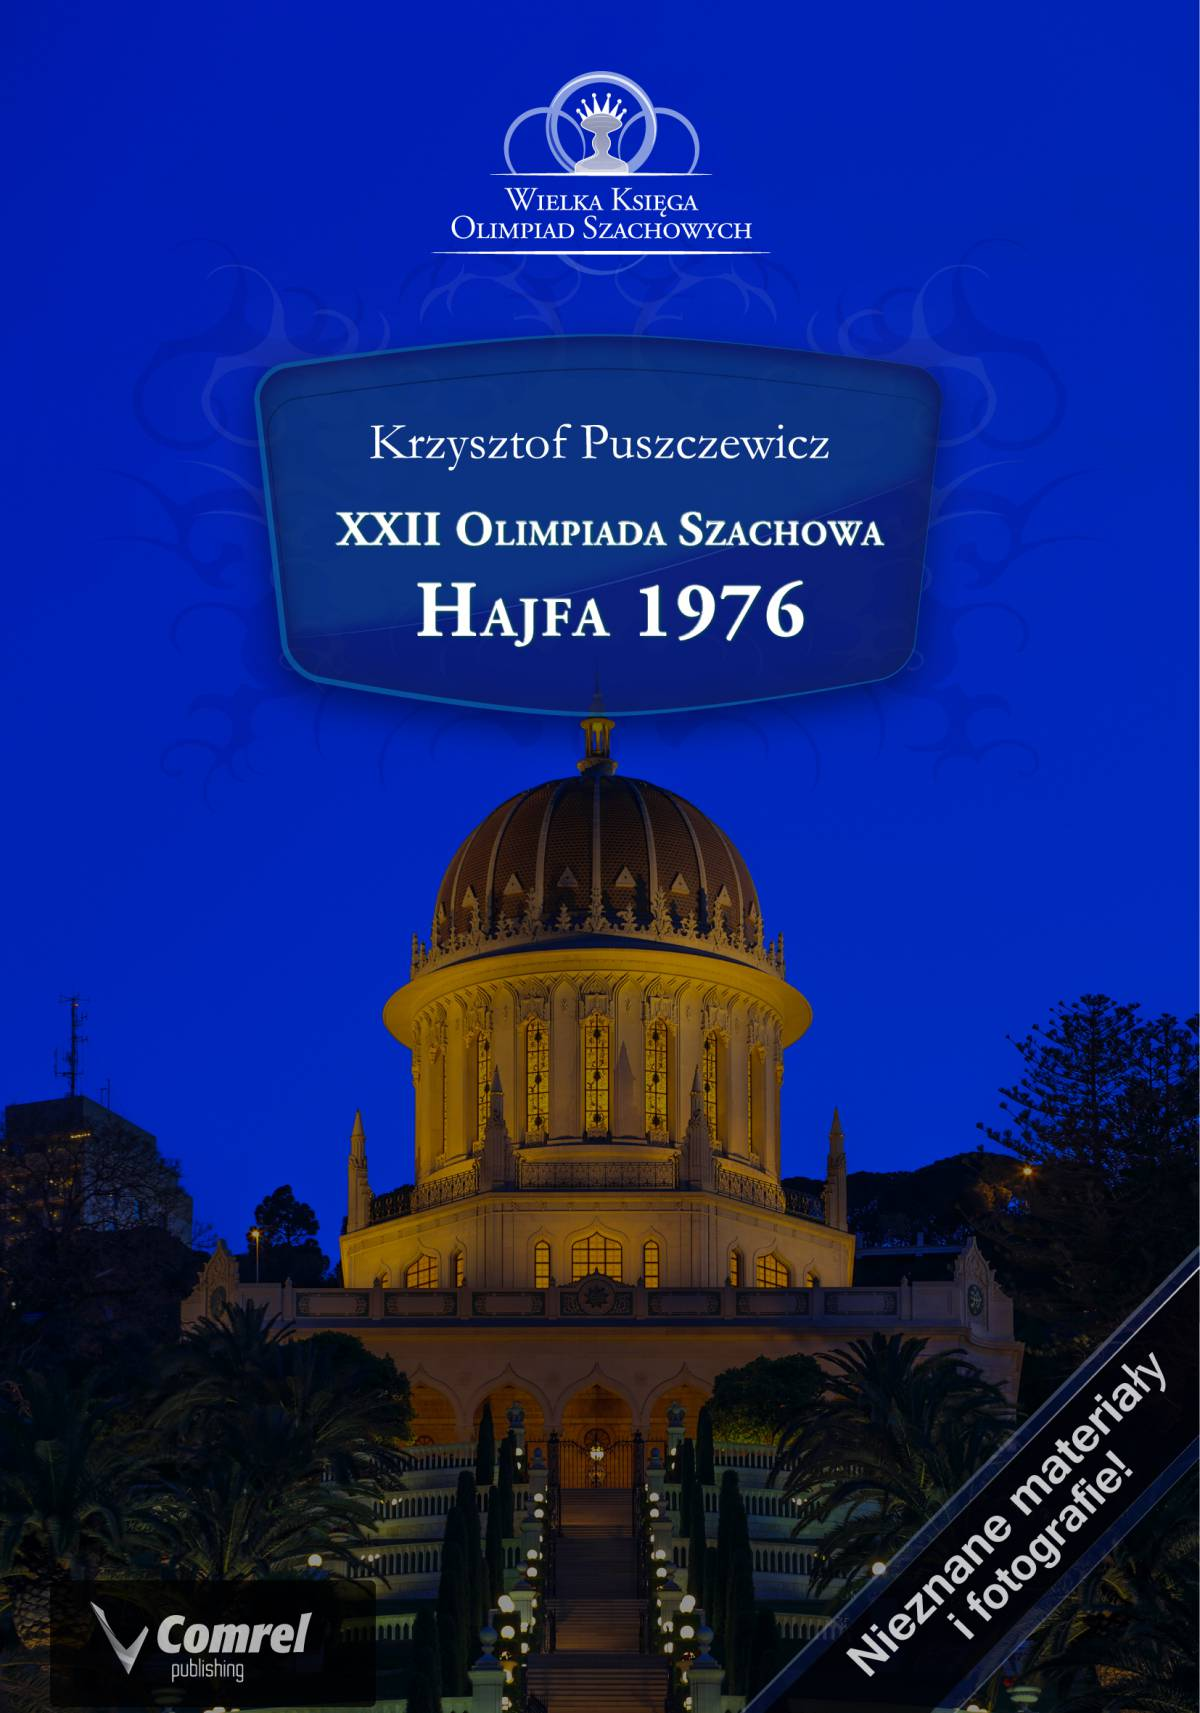 XXII Olimpiada Szachowa - Hajfa 1976 - Ebook (Książka PDF) do pobrania w formacie PDF